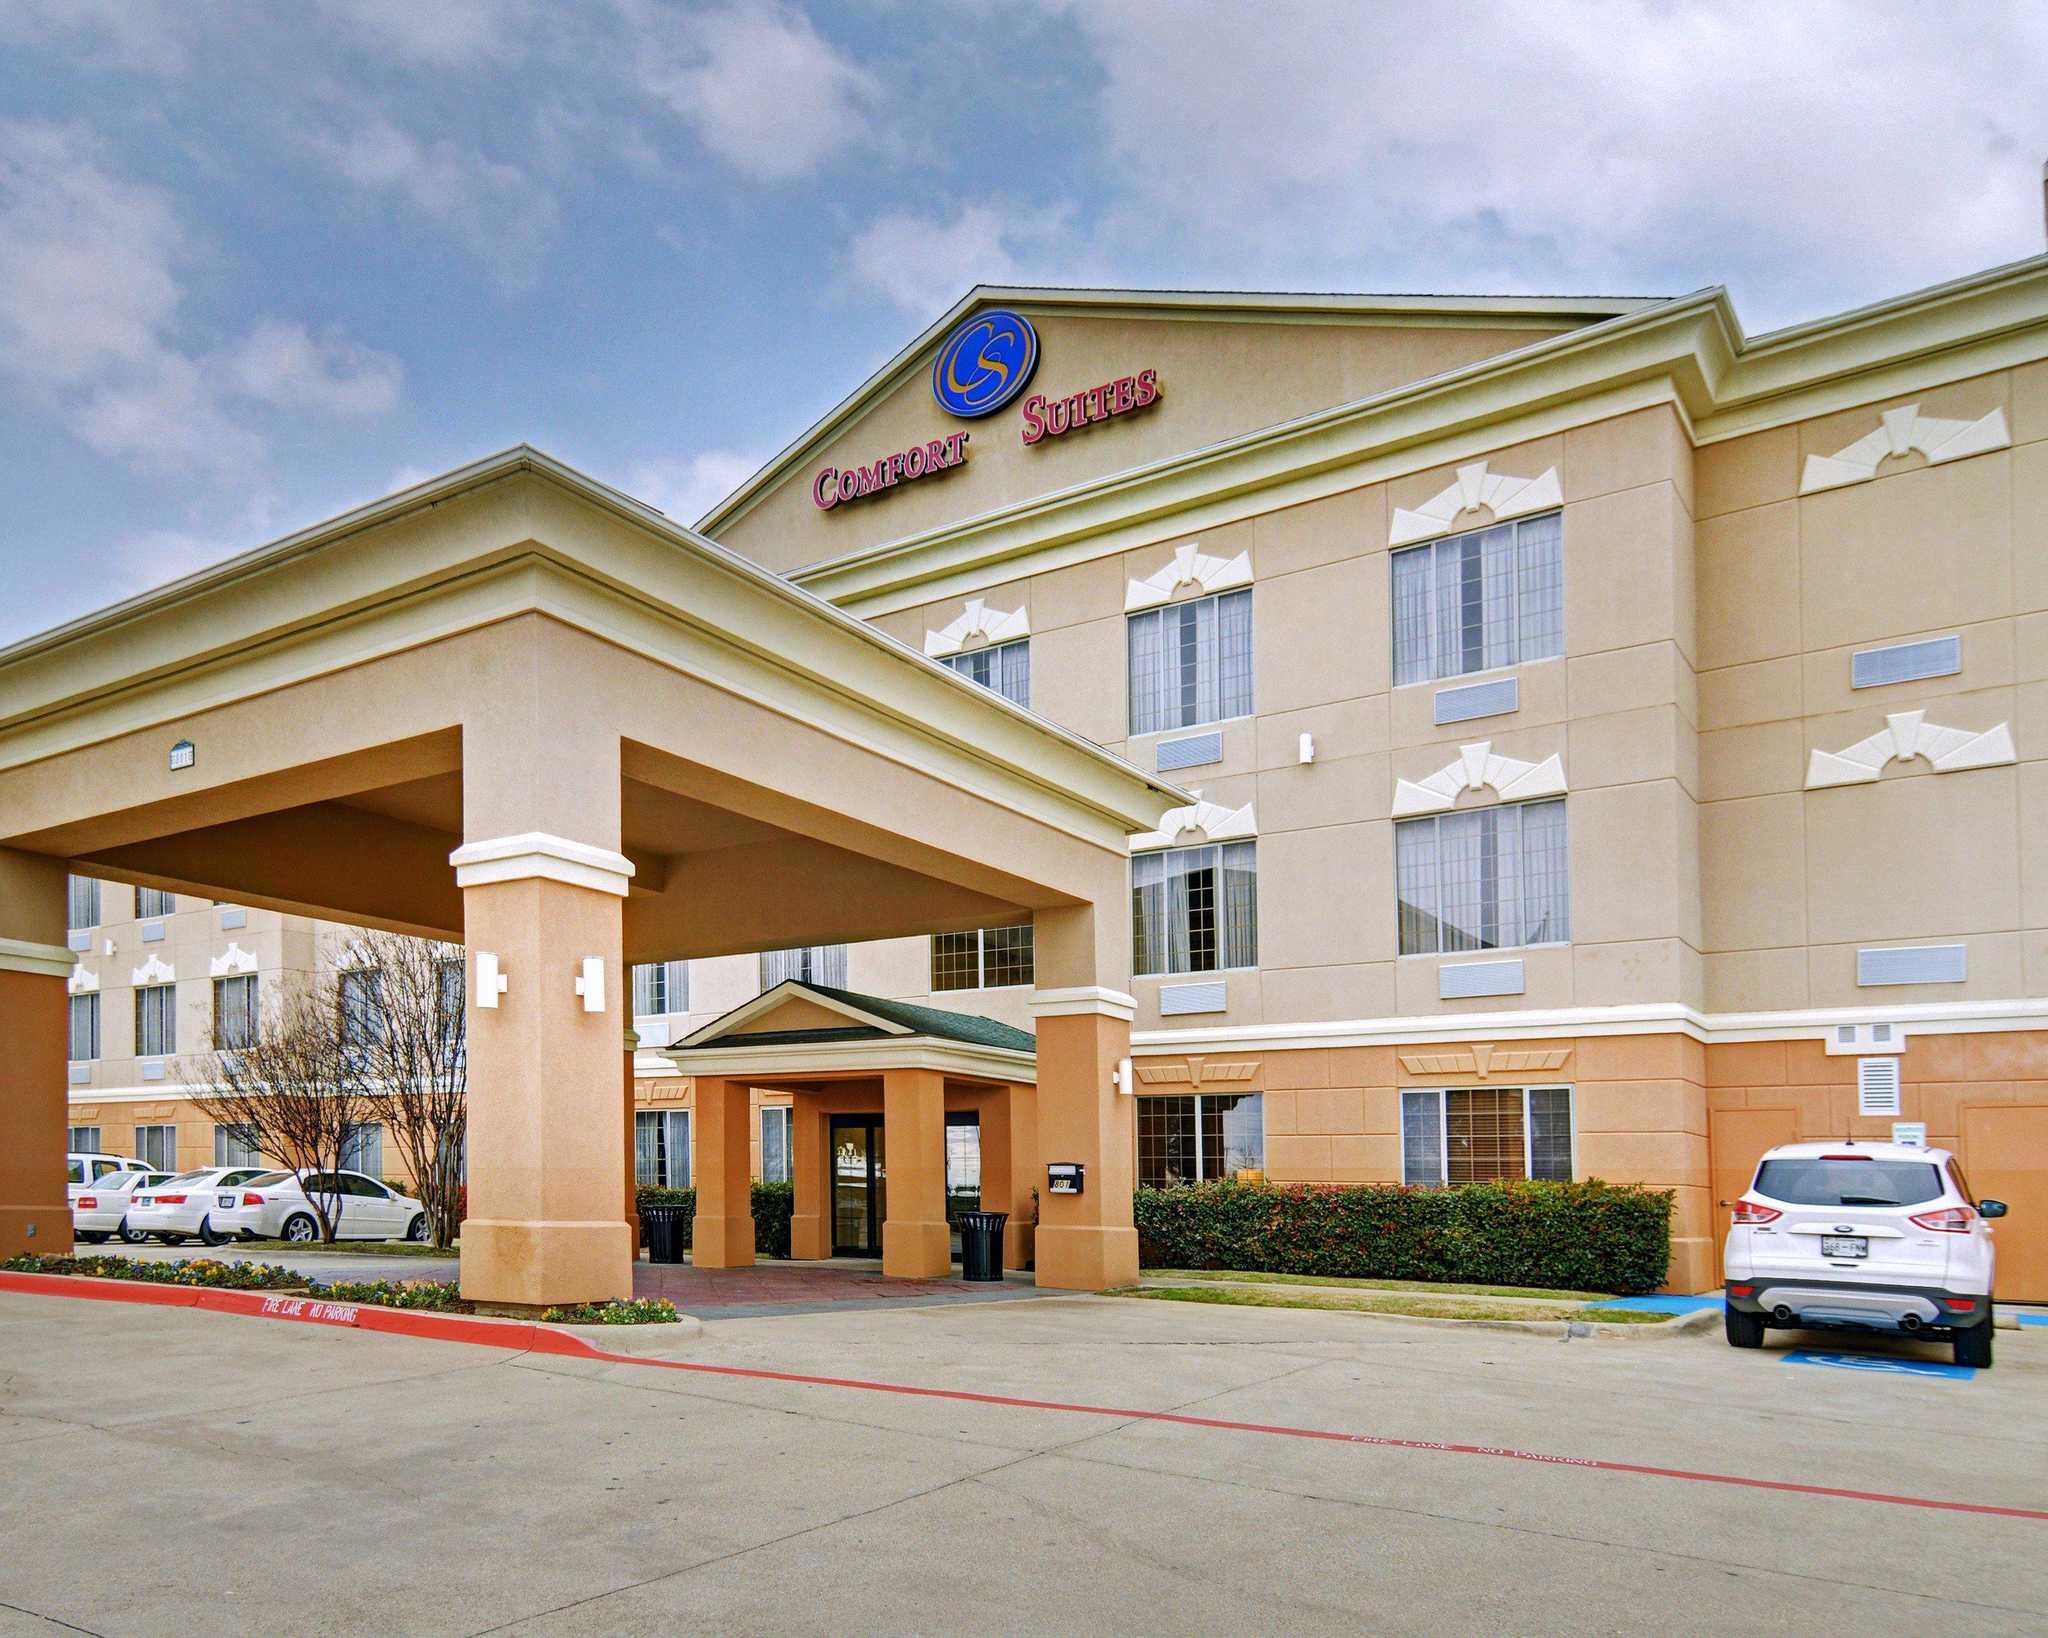 Hotel in TX Roanoke 76262 Comfort Suites Near Alliance 801 Byron Nelson Blvd  (817)490-1455